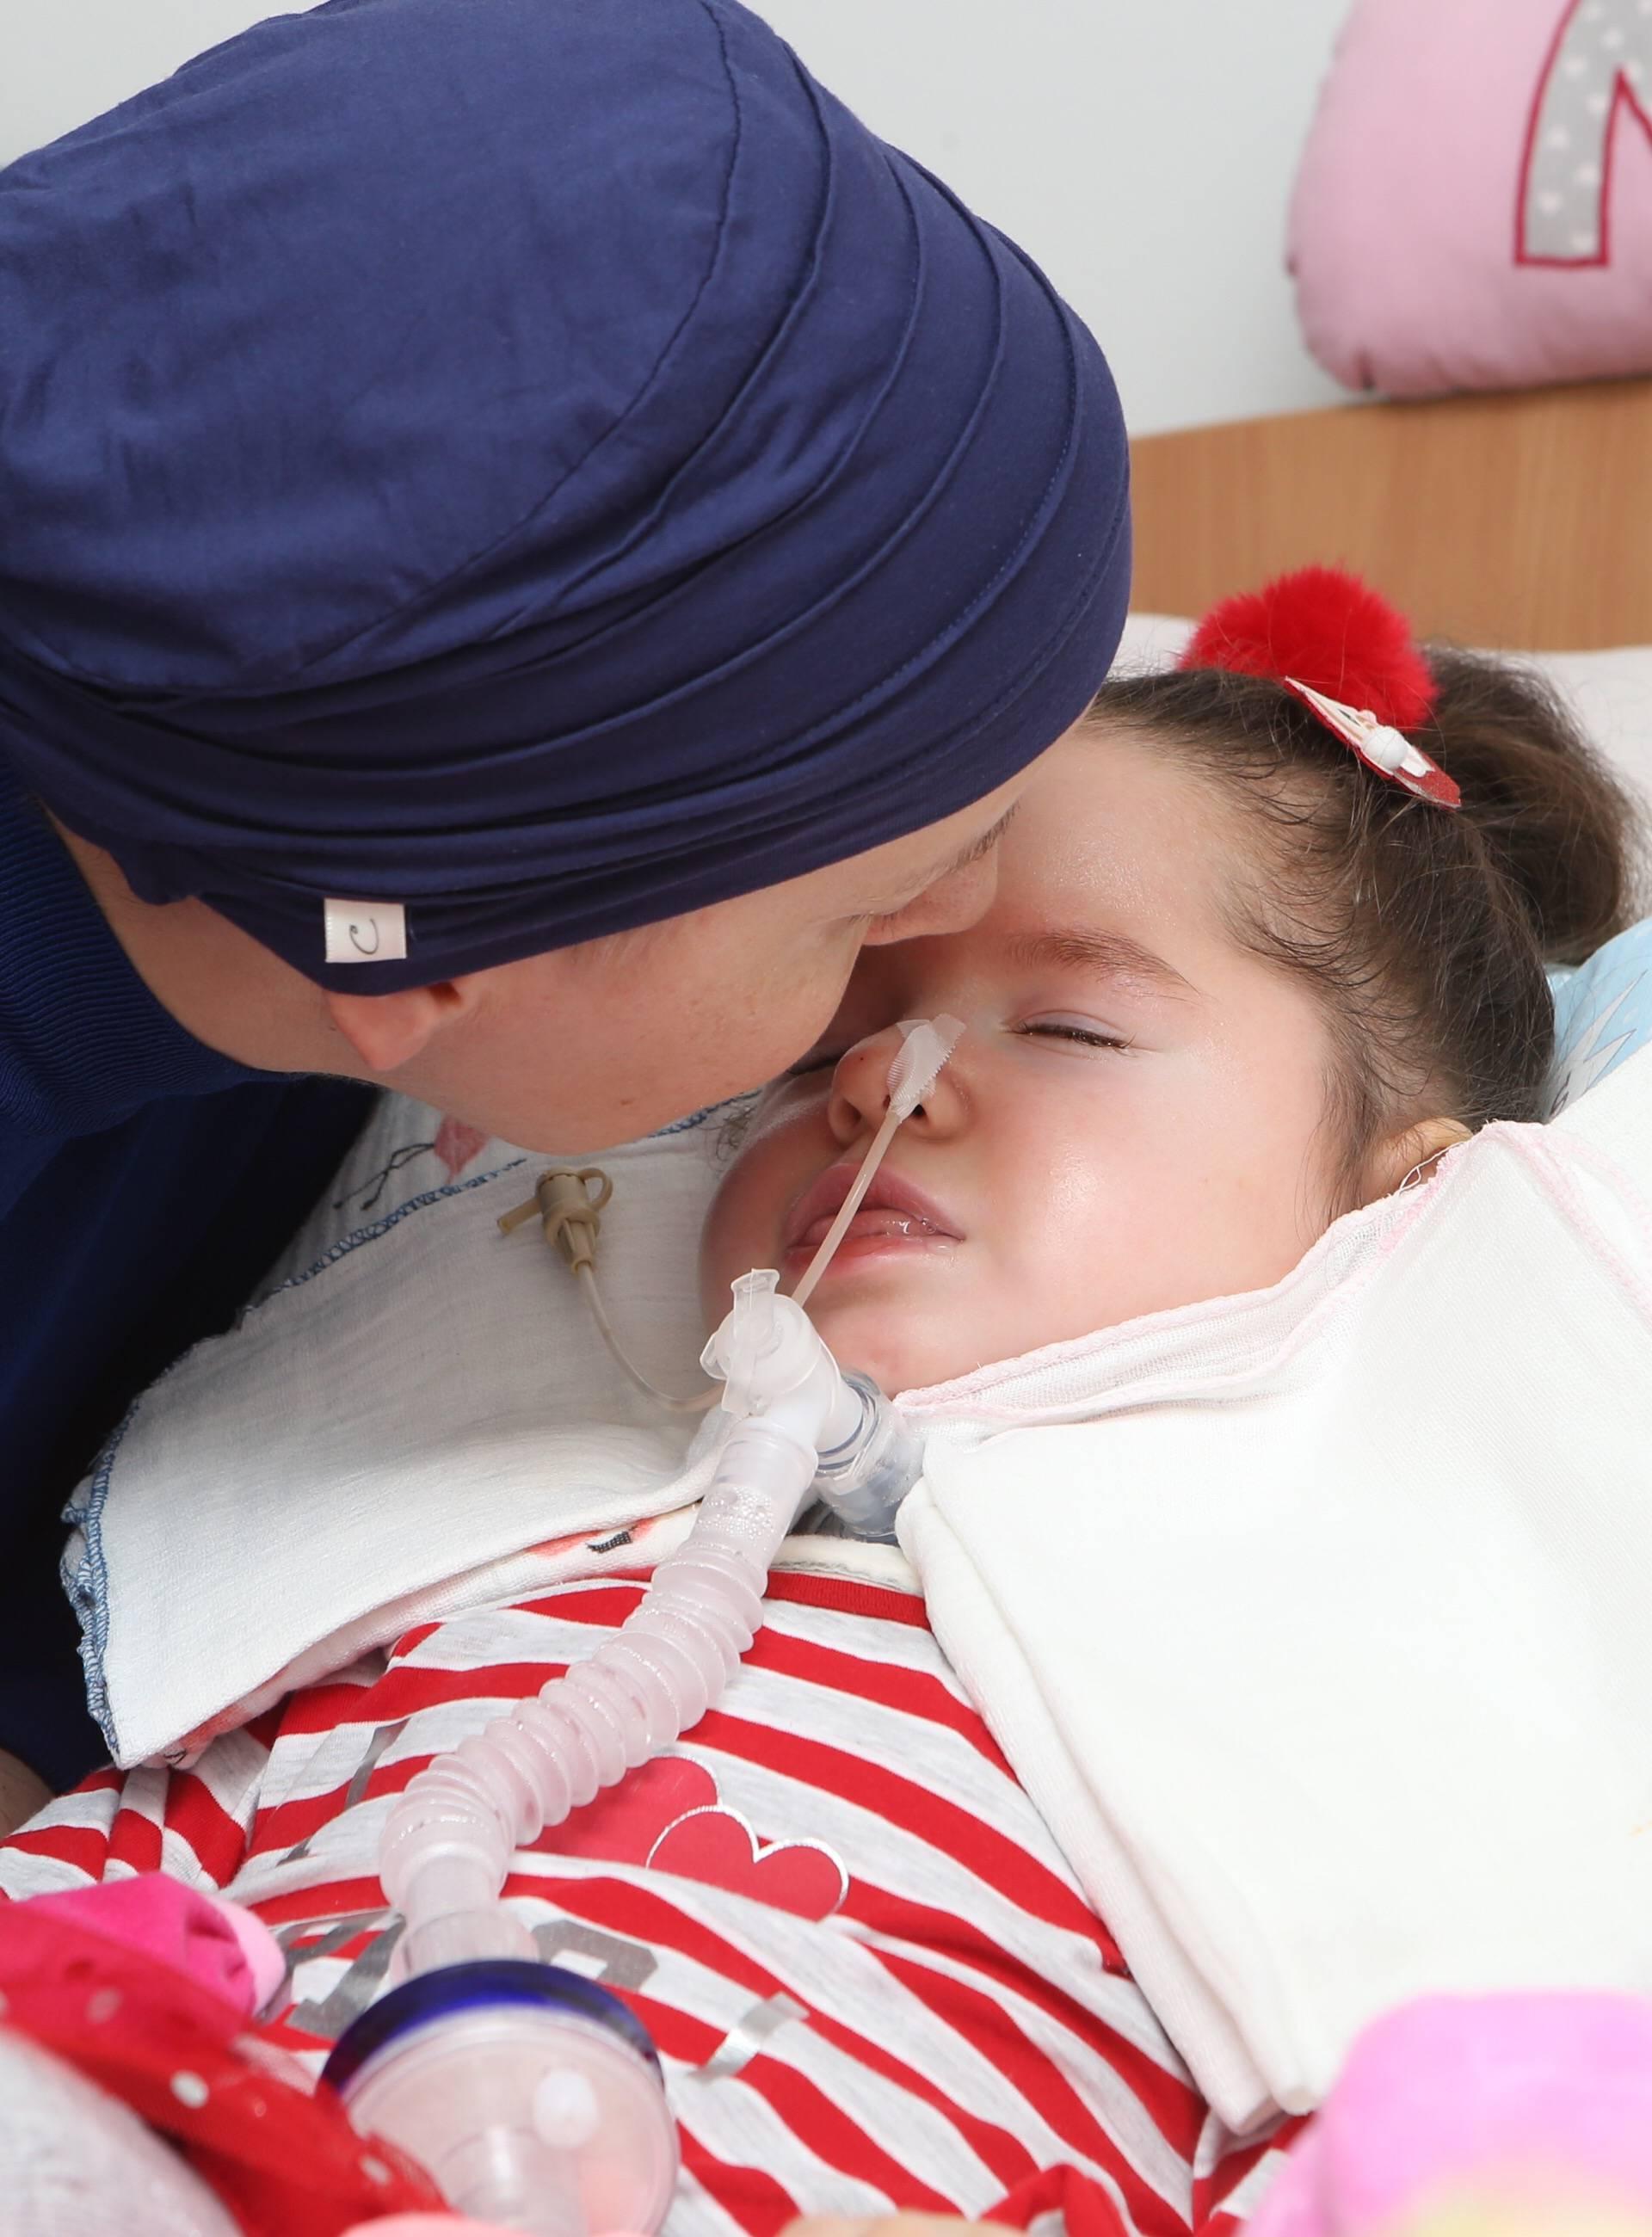 Vapaj majke: 'Budite ljudi jer moja Nora više ne može čekati'